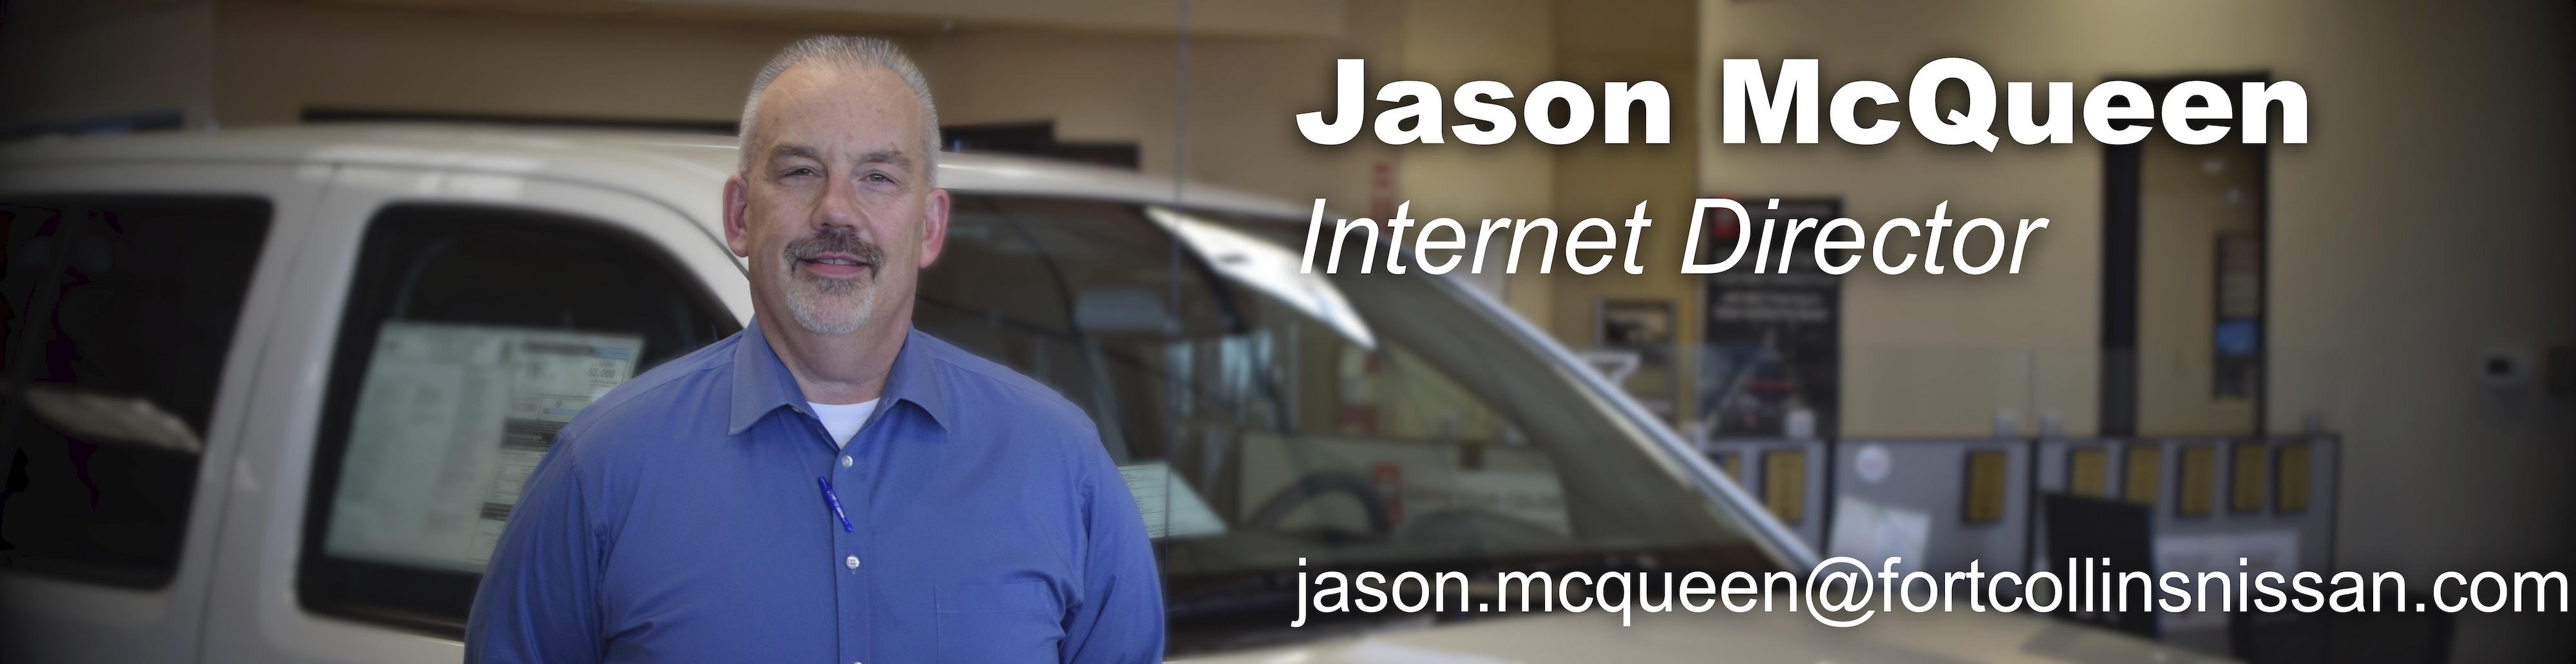 Internet Director Jason McQueen